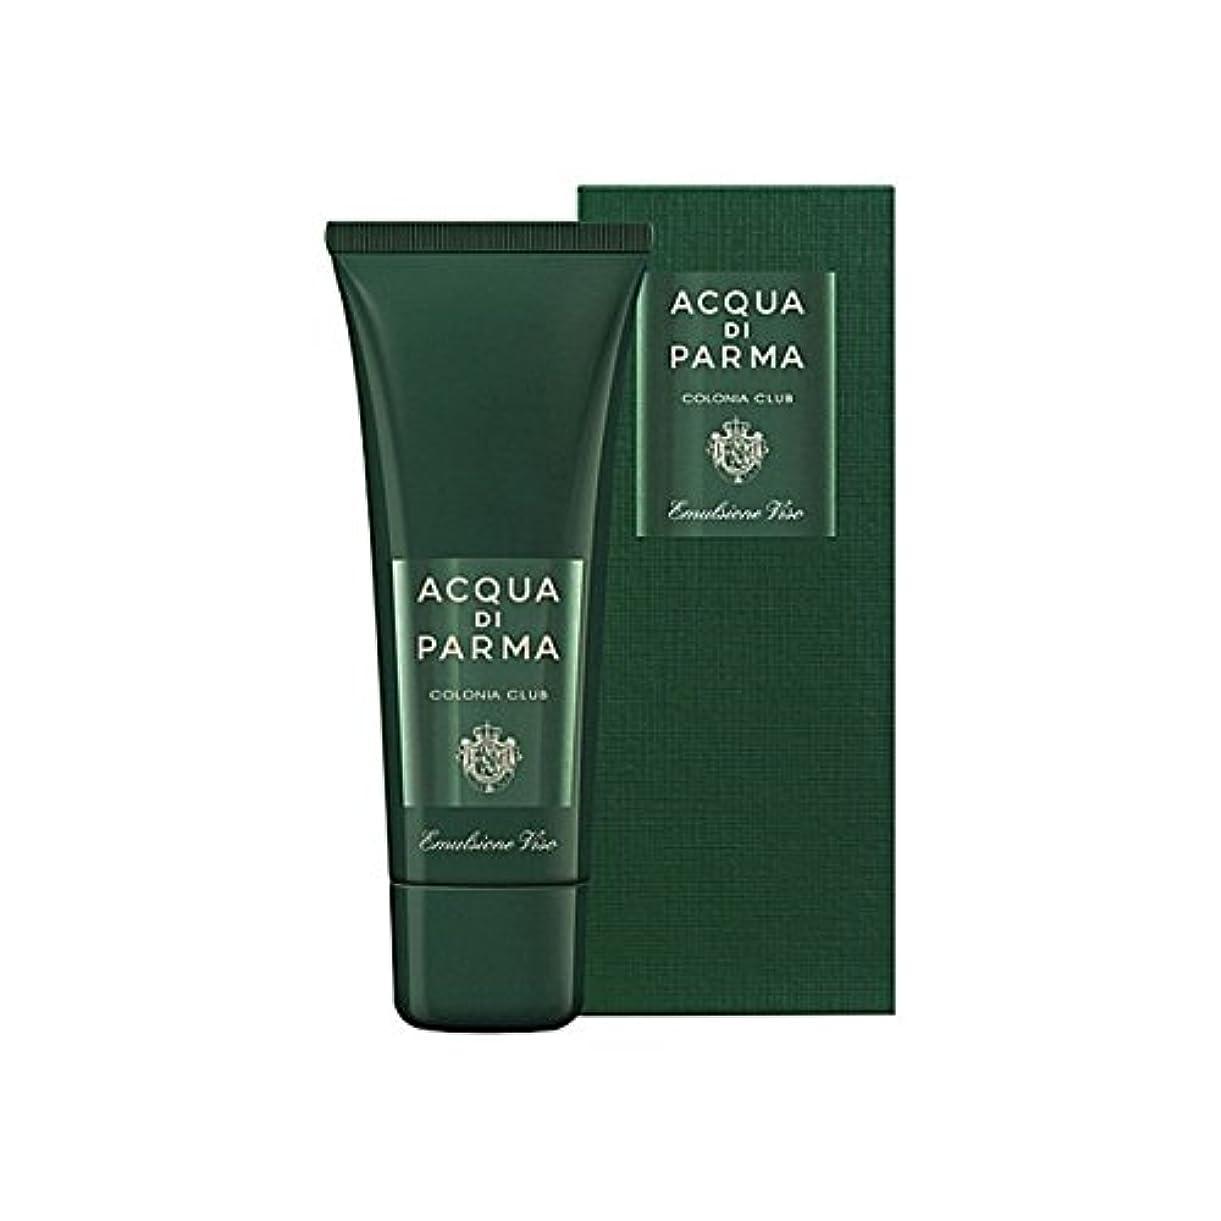 悪性腫瘍船かるAcqua Di Parma Colonia Club Face Emulsion 75ml - アクアディパルマコロニアクラブフェースエマルジョン75ミリリットル [並行輸入品]